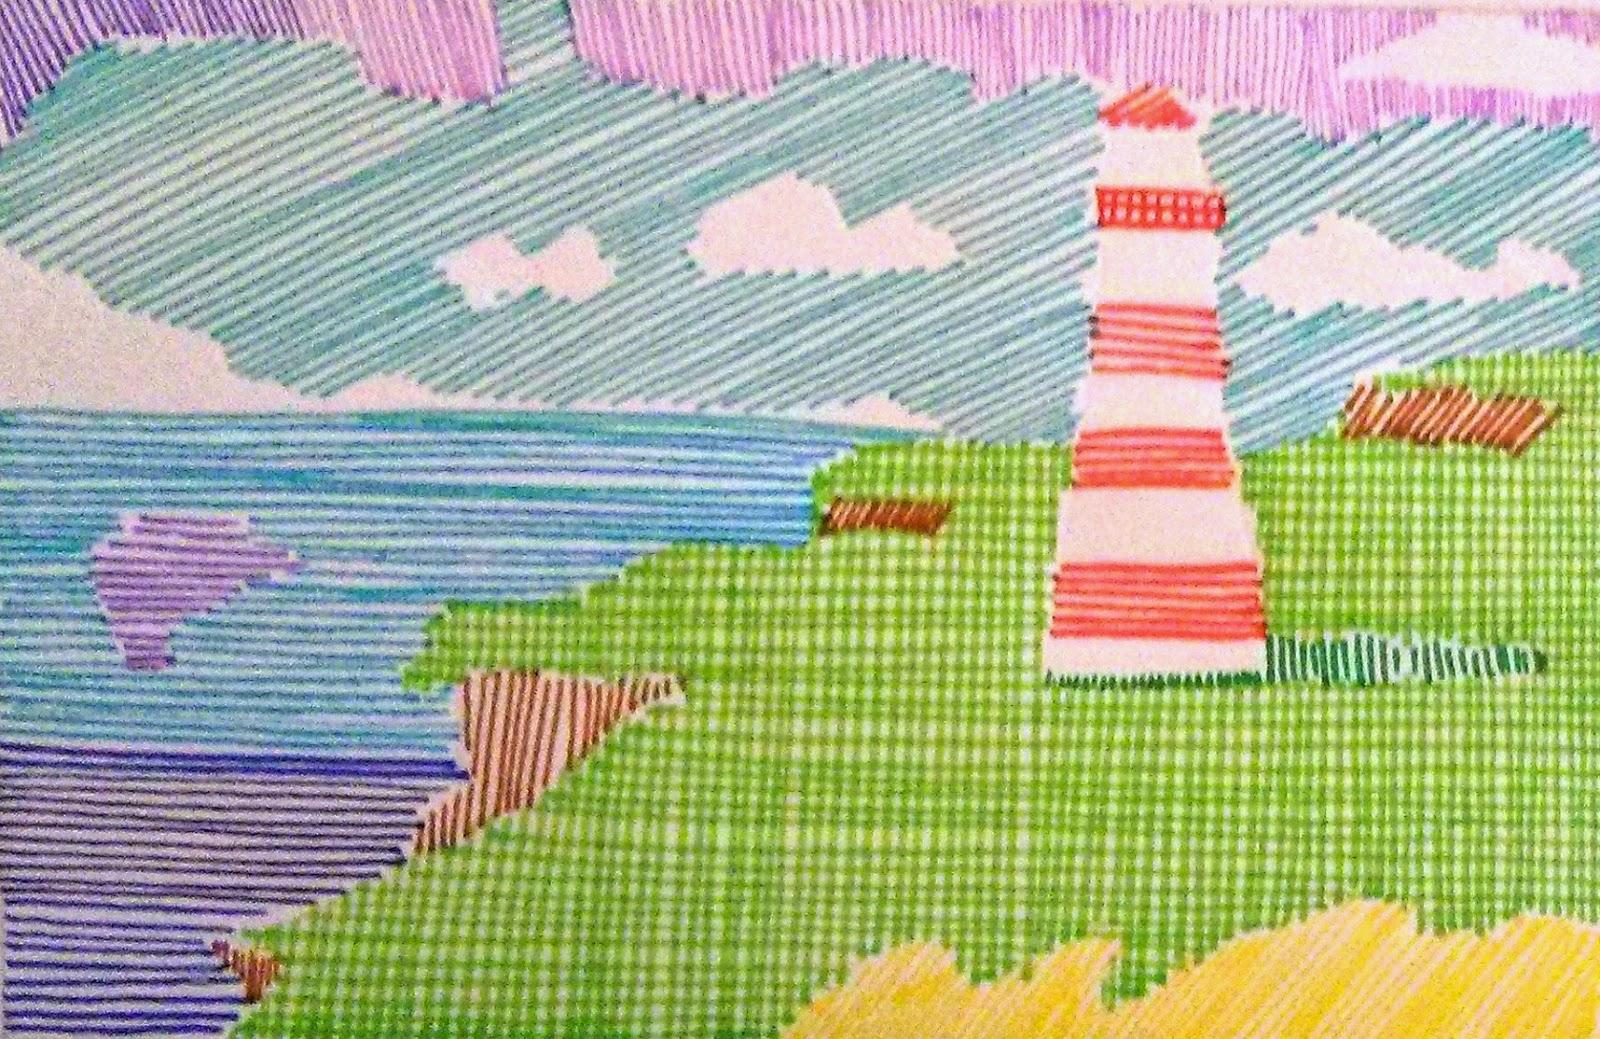 Dibujo De Lineas Paisaje: ¡El Arte Corre... Por Nuestras Venas!: NOELIA GARCÍA RODRÍGUEZ